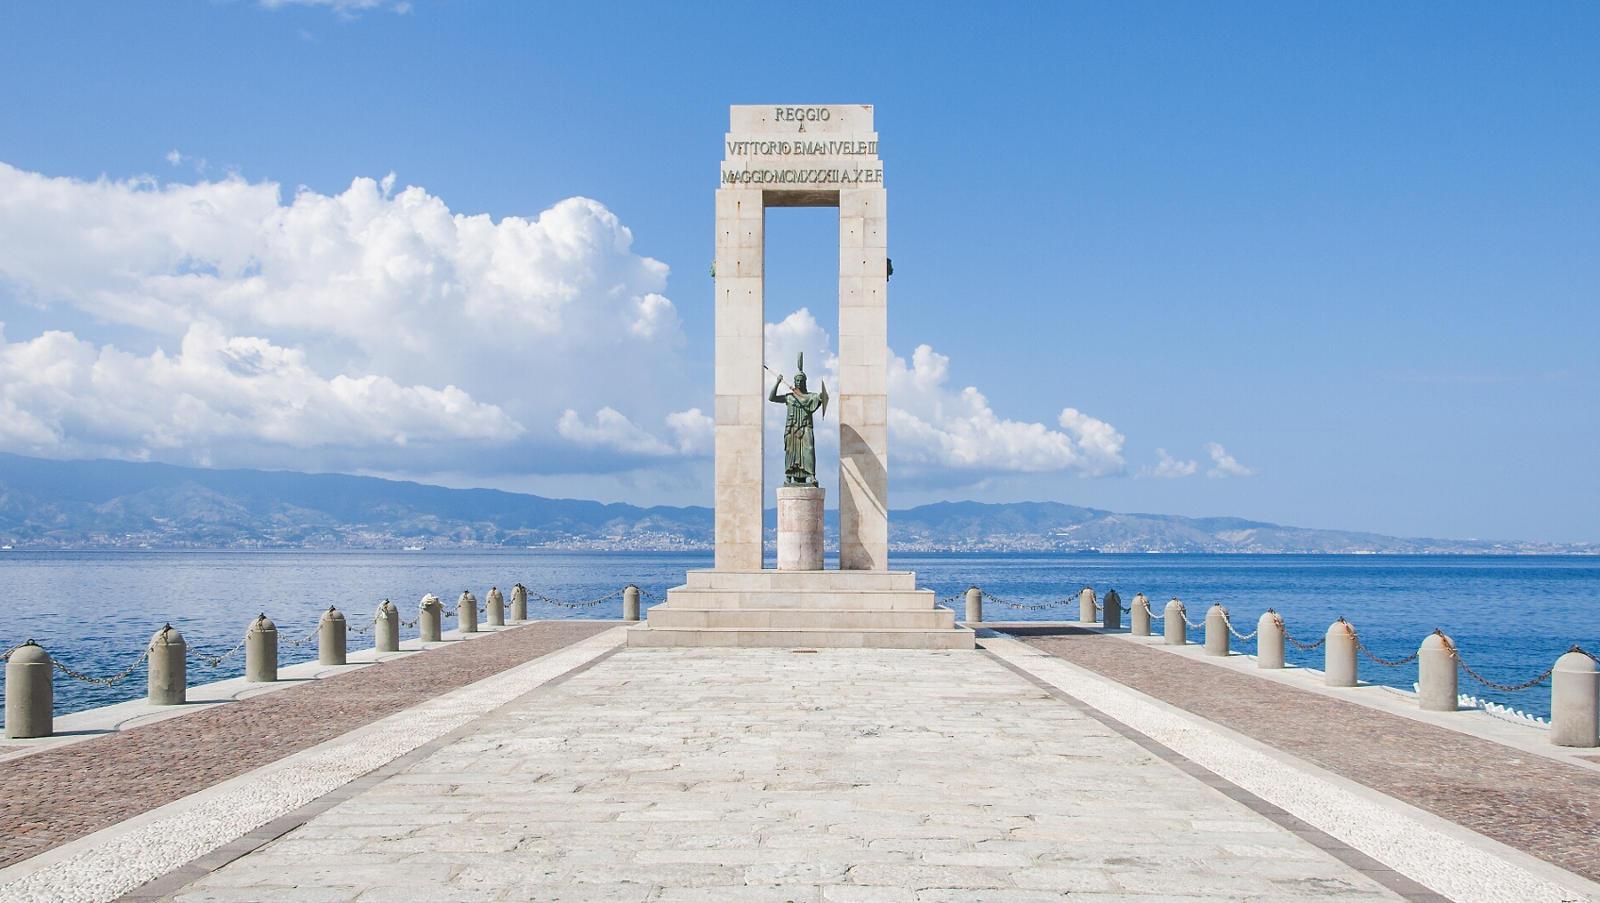 Valutazione Immobili Reggio-Di-Calabria